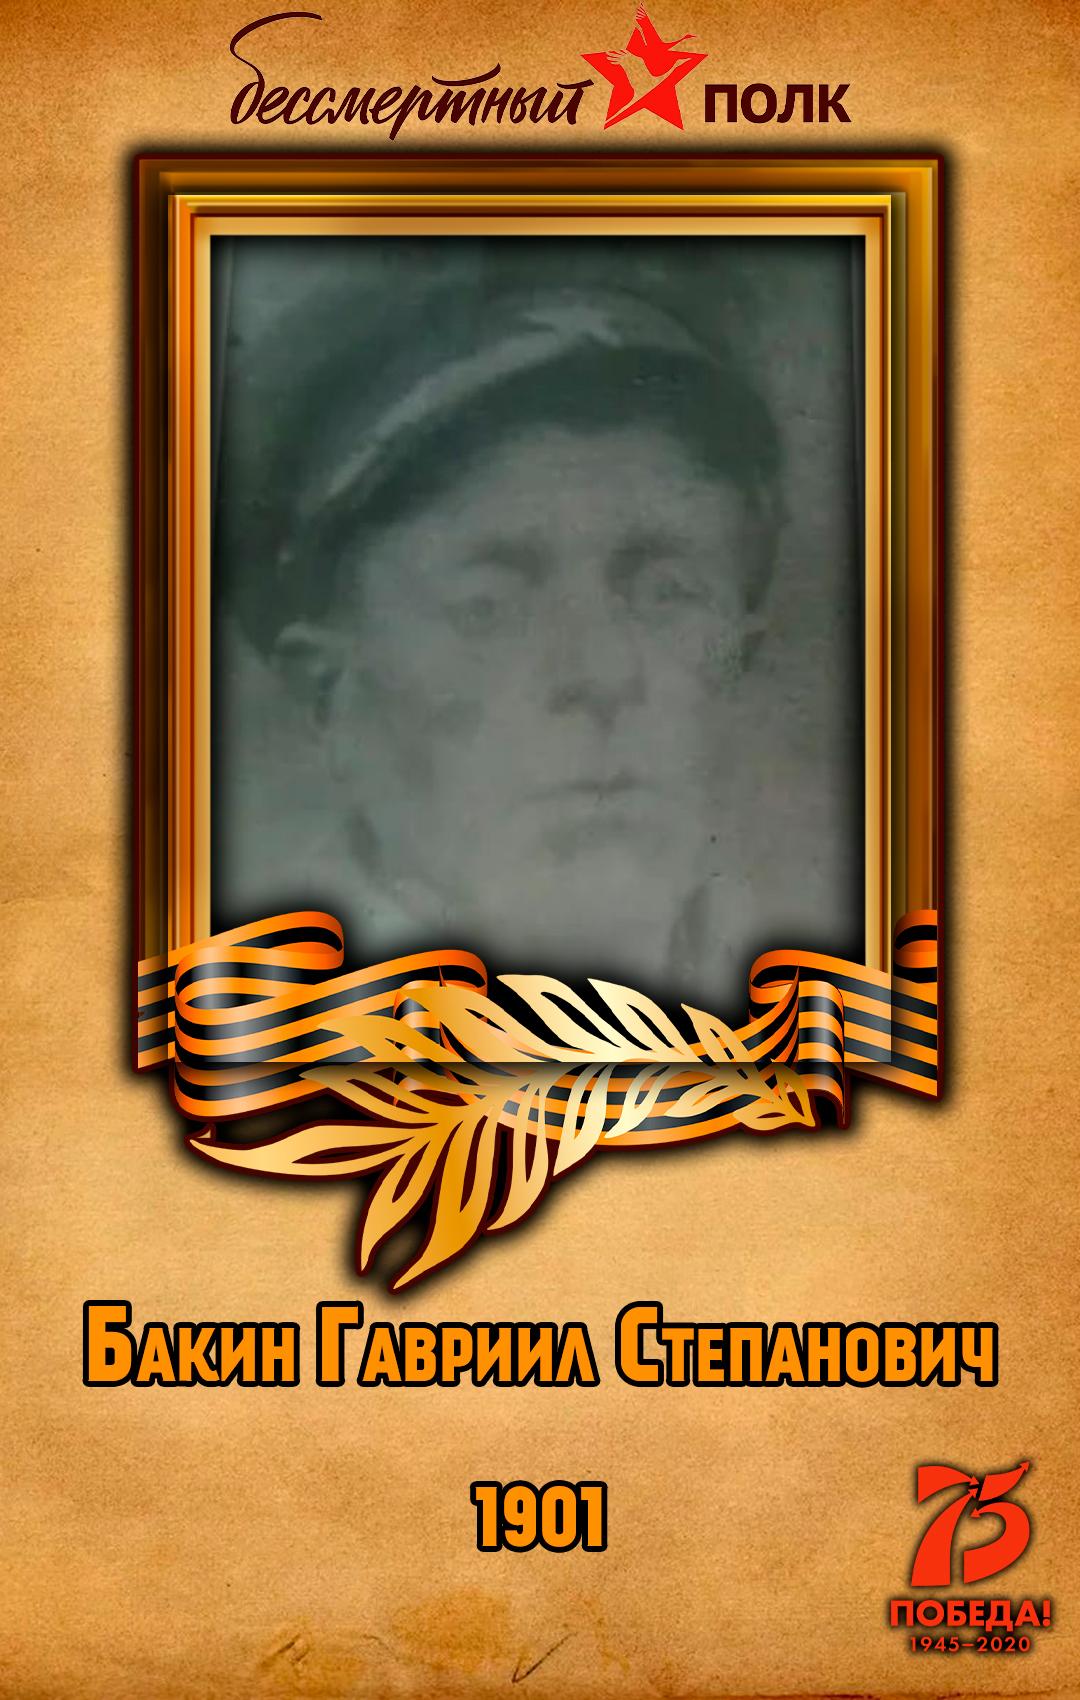 Бакин-Гавриил-Степанович